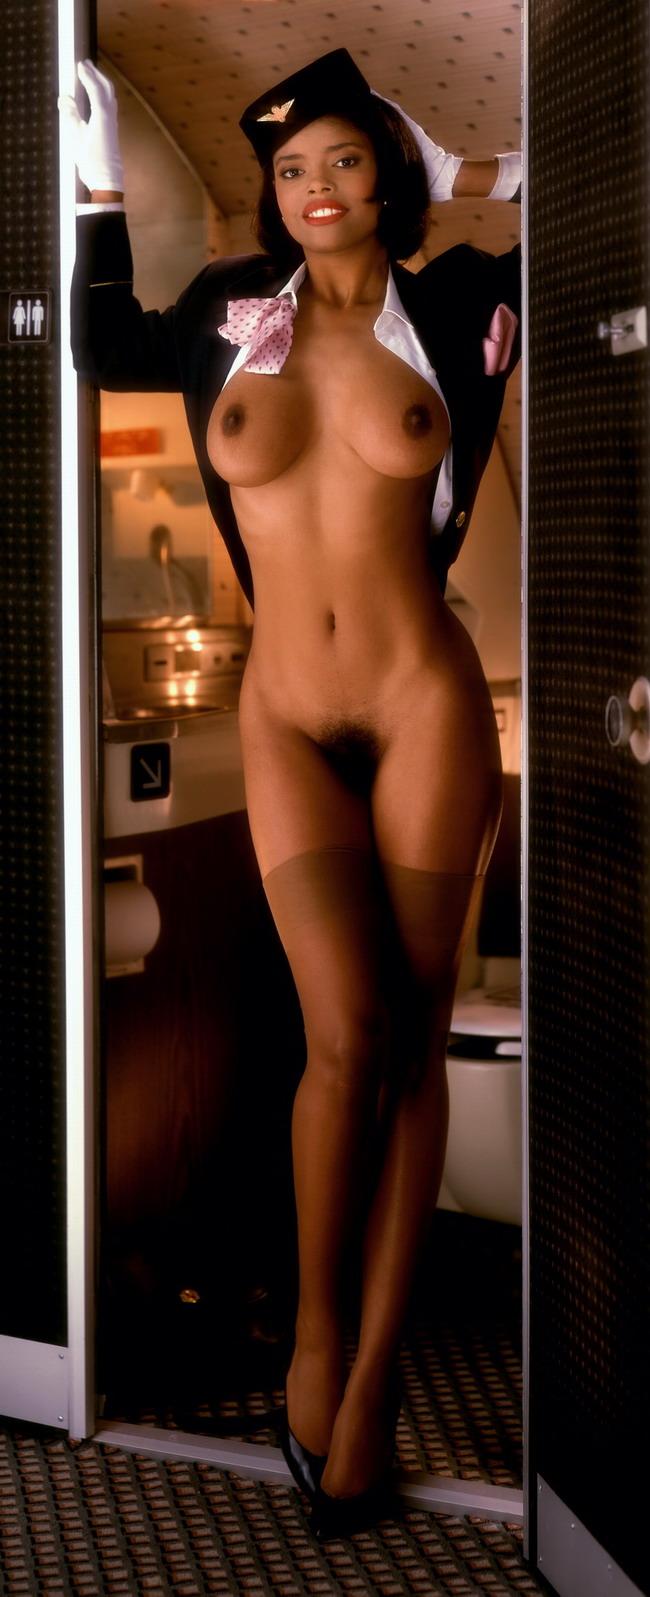 Секси стюардессы в мини юбках с большими сиськами секс фото 28 фотография